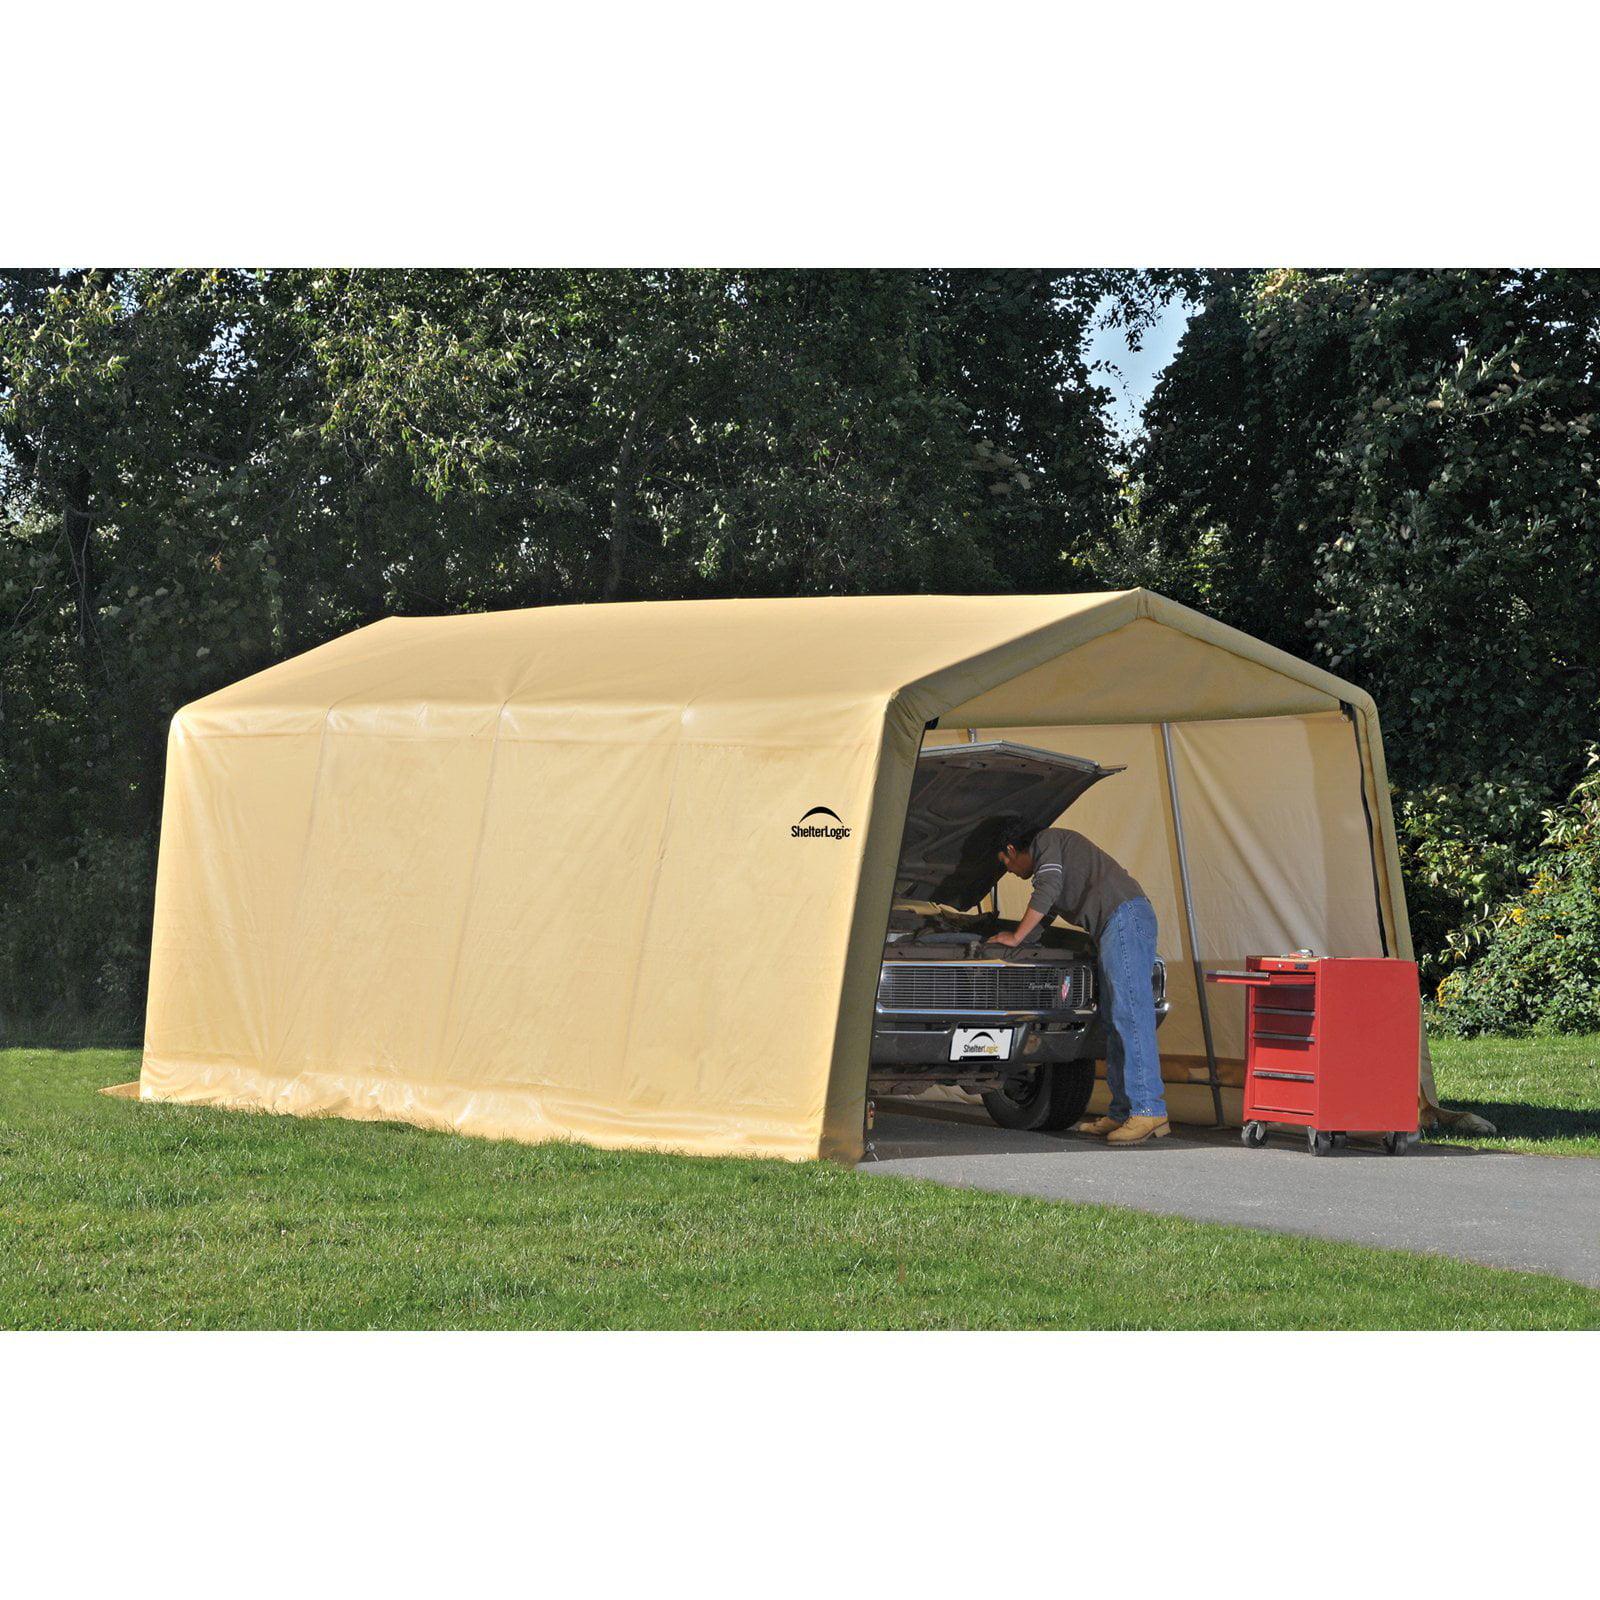 Shelterlogic Auto Shelter 10' x 20 x8' Peak Style Instant Garage, Sandstone by ShelterLogic